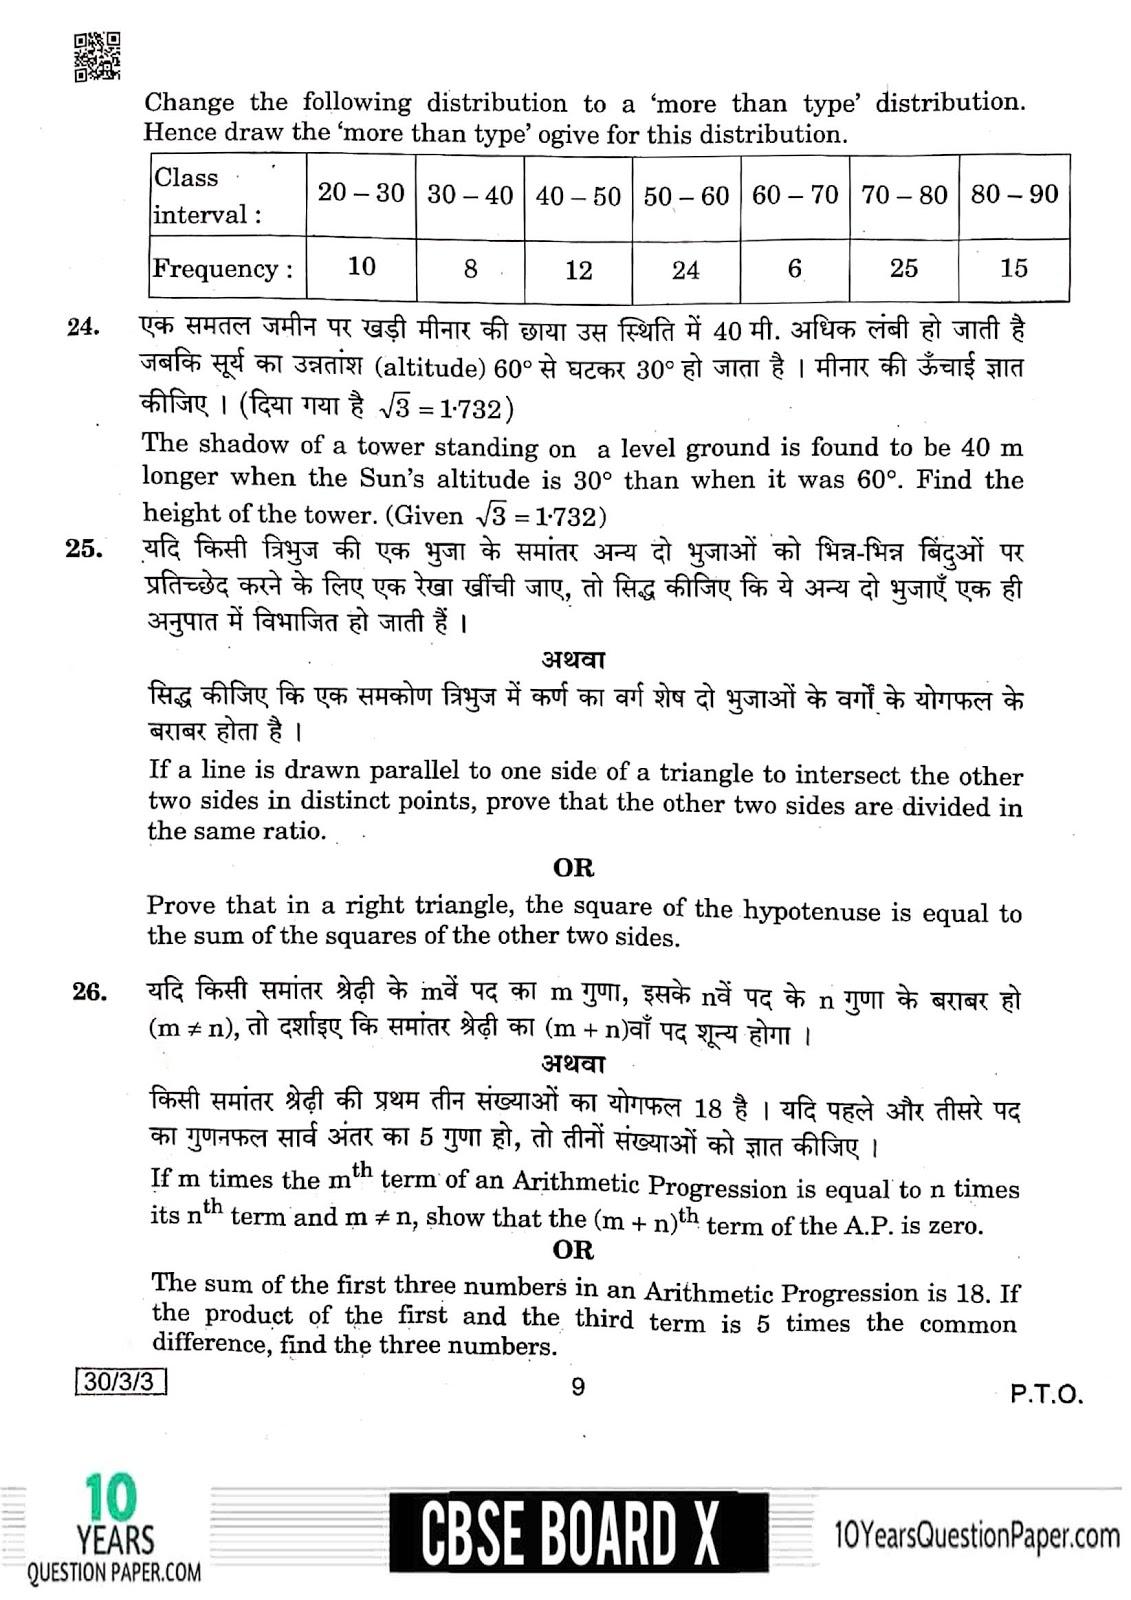 CBSE Class 10 Mathematics 2019 Question Paper